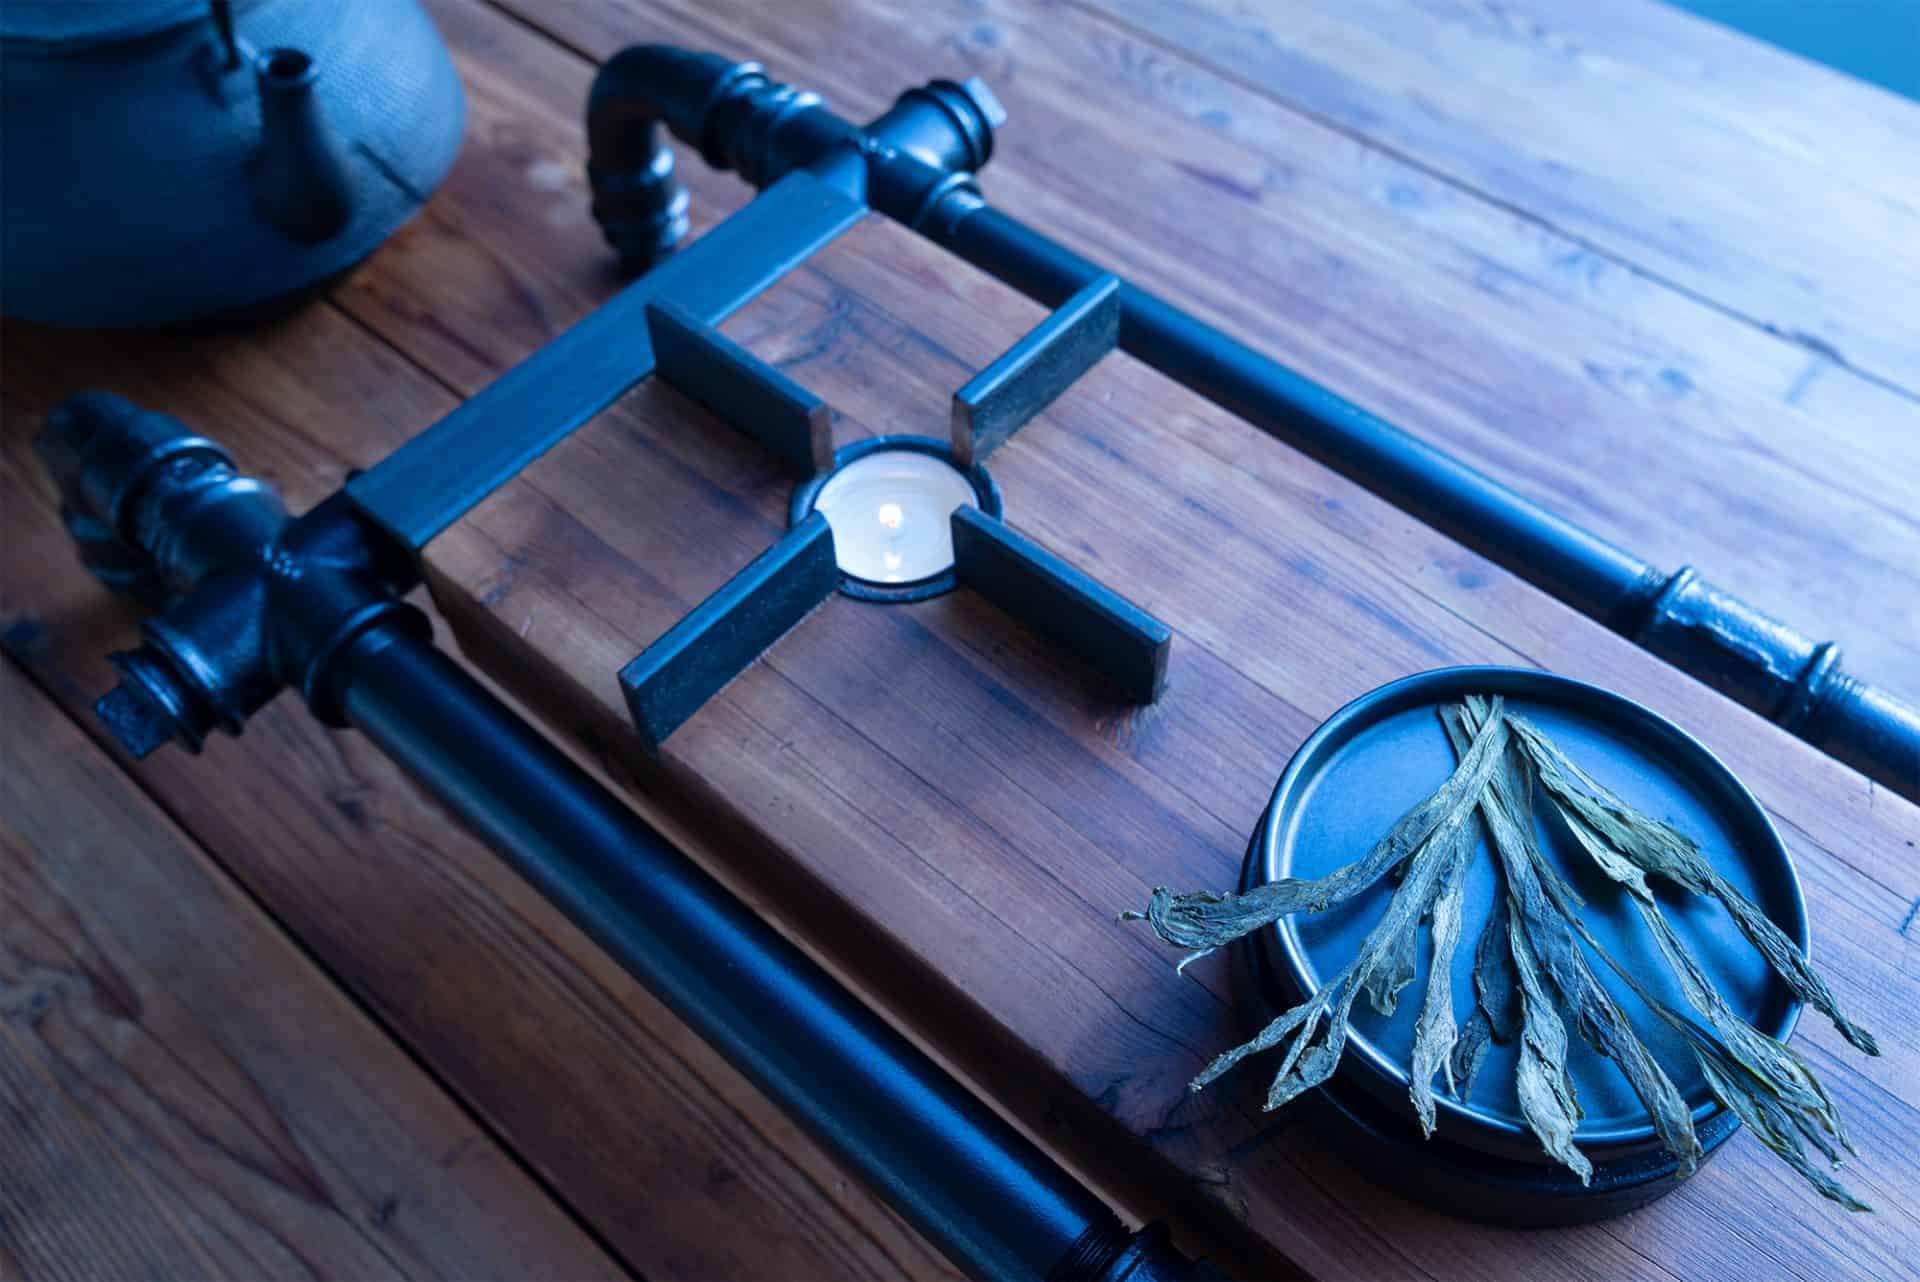 Cha-Board mit Stövchen für die perfekte Tee-Zeremonie und Genuss hochwertigster und teurer Tee-Raritäten wie Tai-Ping-Hou-Kui-Superior aus schwarzem Stahl und altem Eichenholz im Wabi-Sabi Stil designed von Lange Architekten